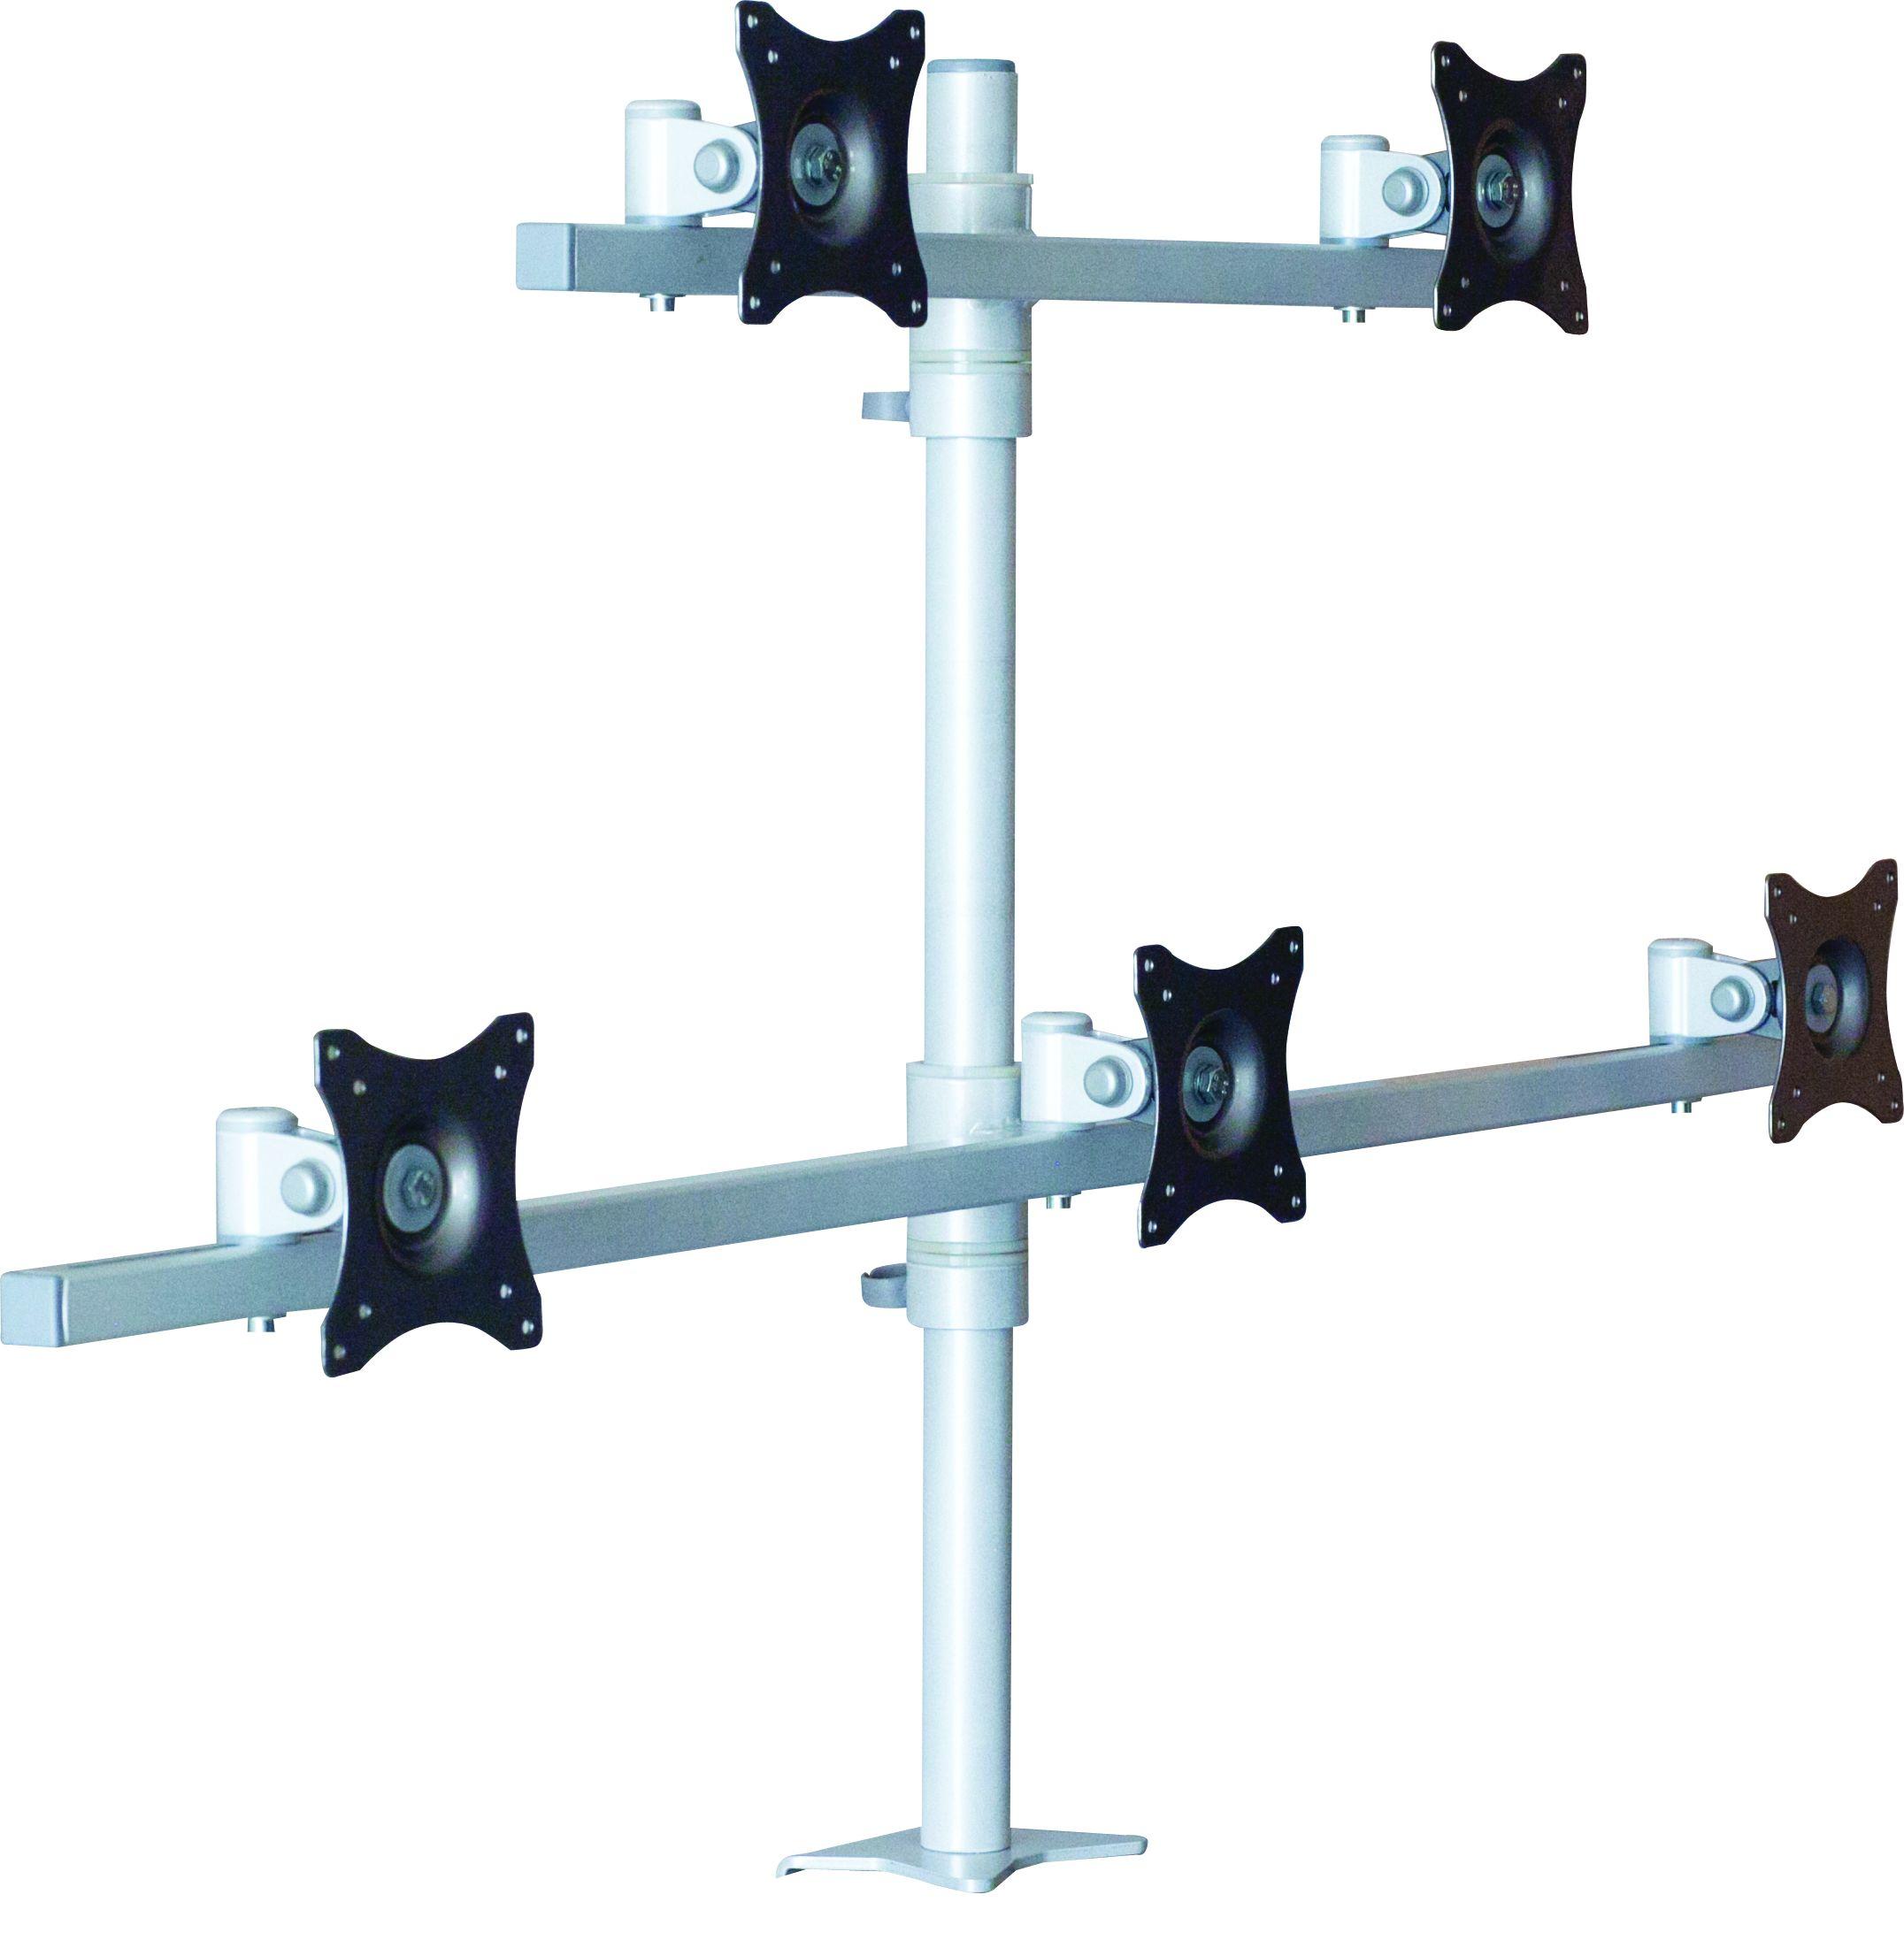 Stolní držák na 5 monitorů - vícemonitorové držáky EDBAK SV12